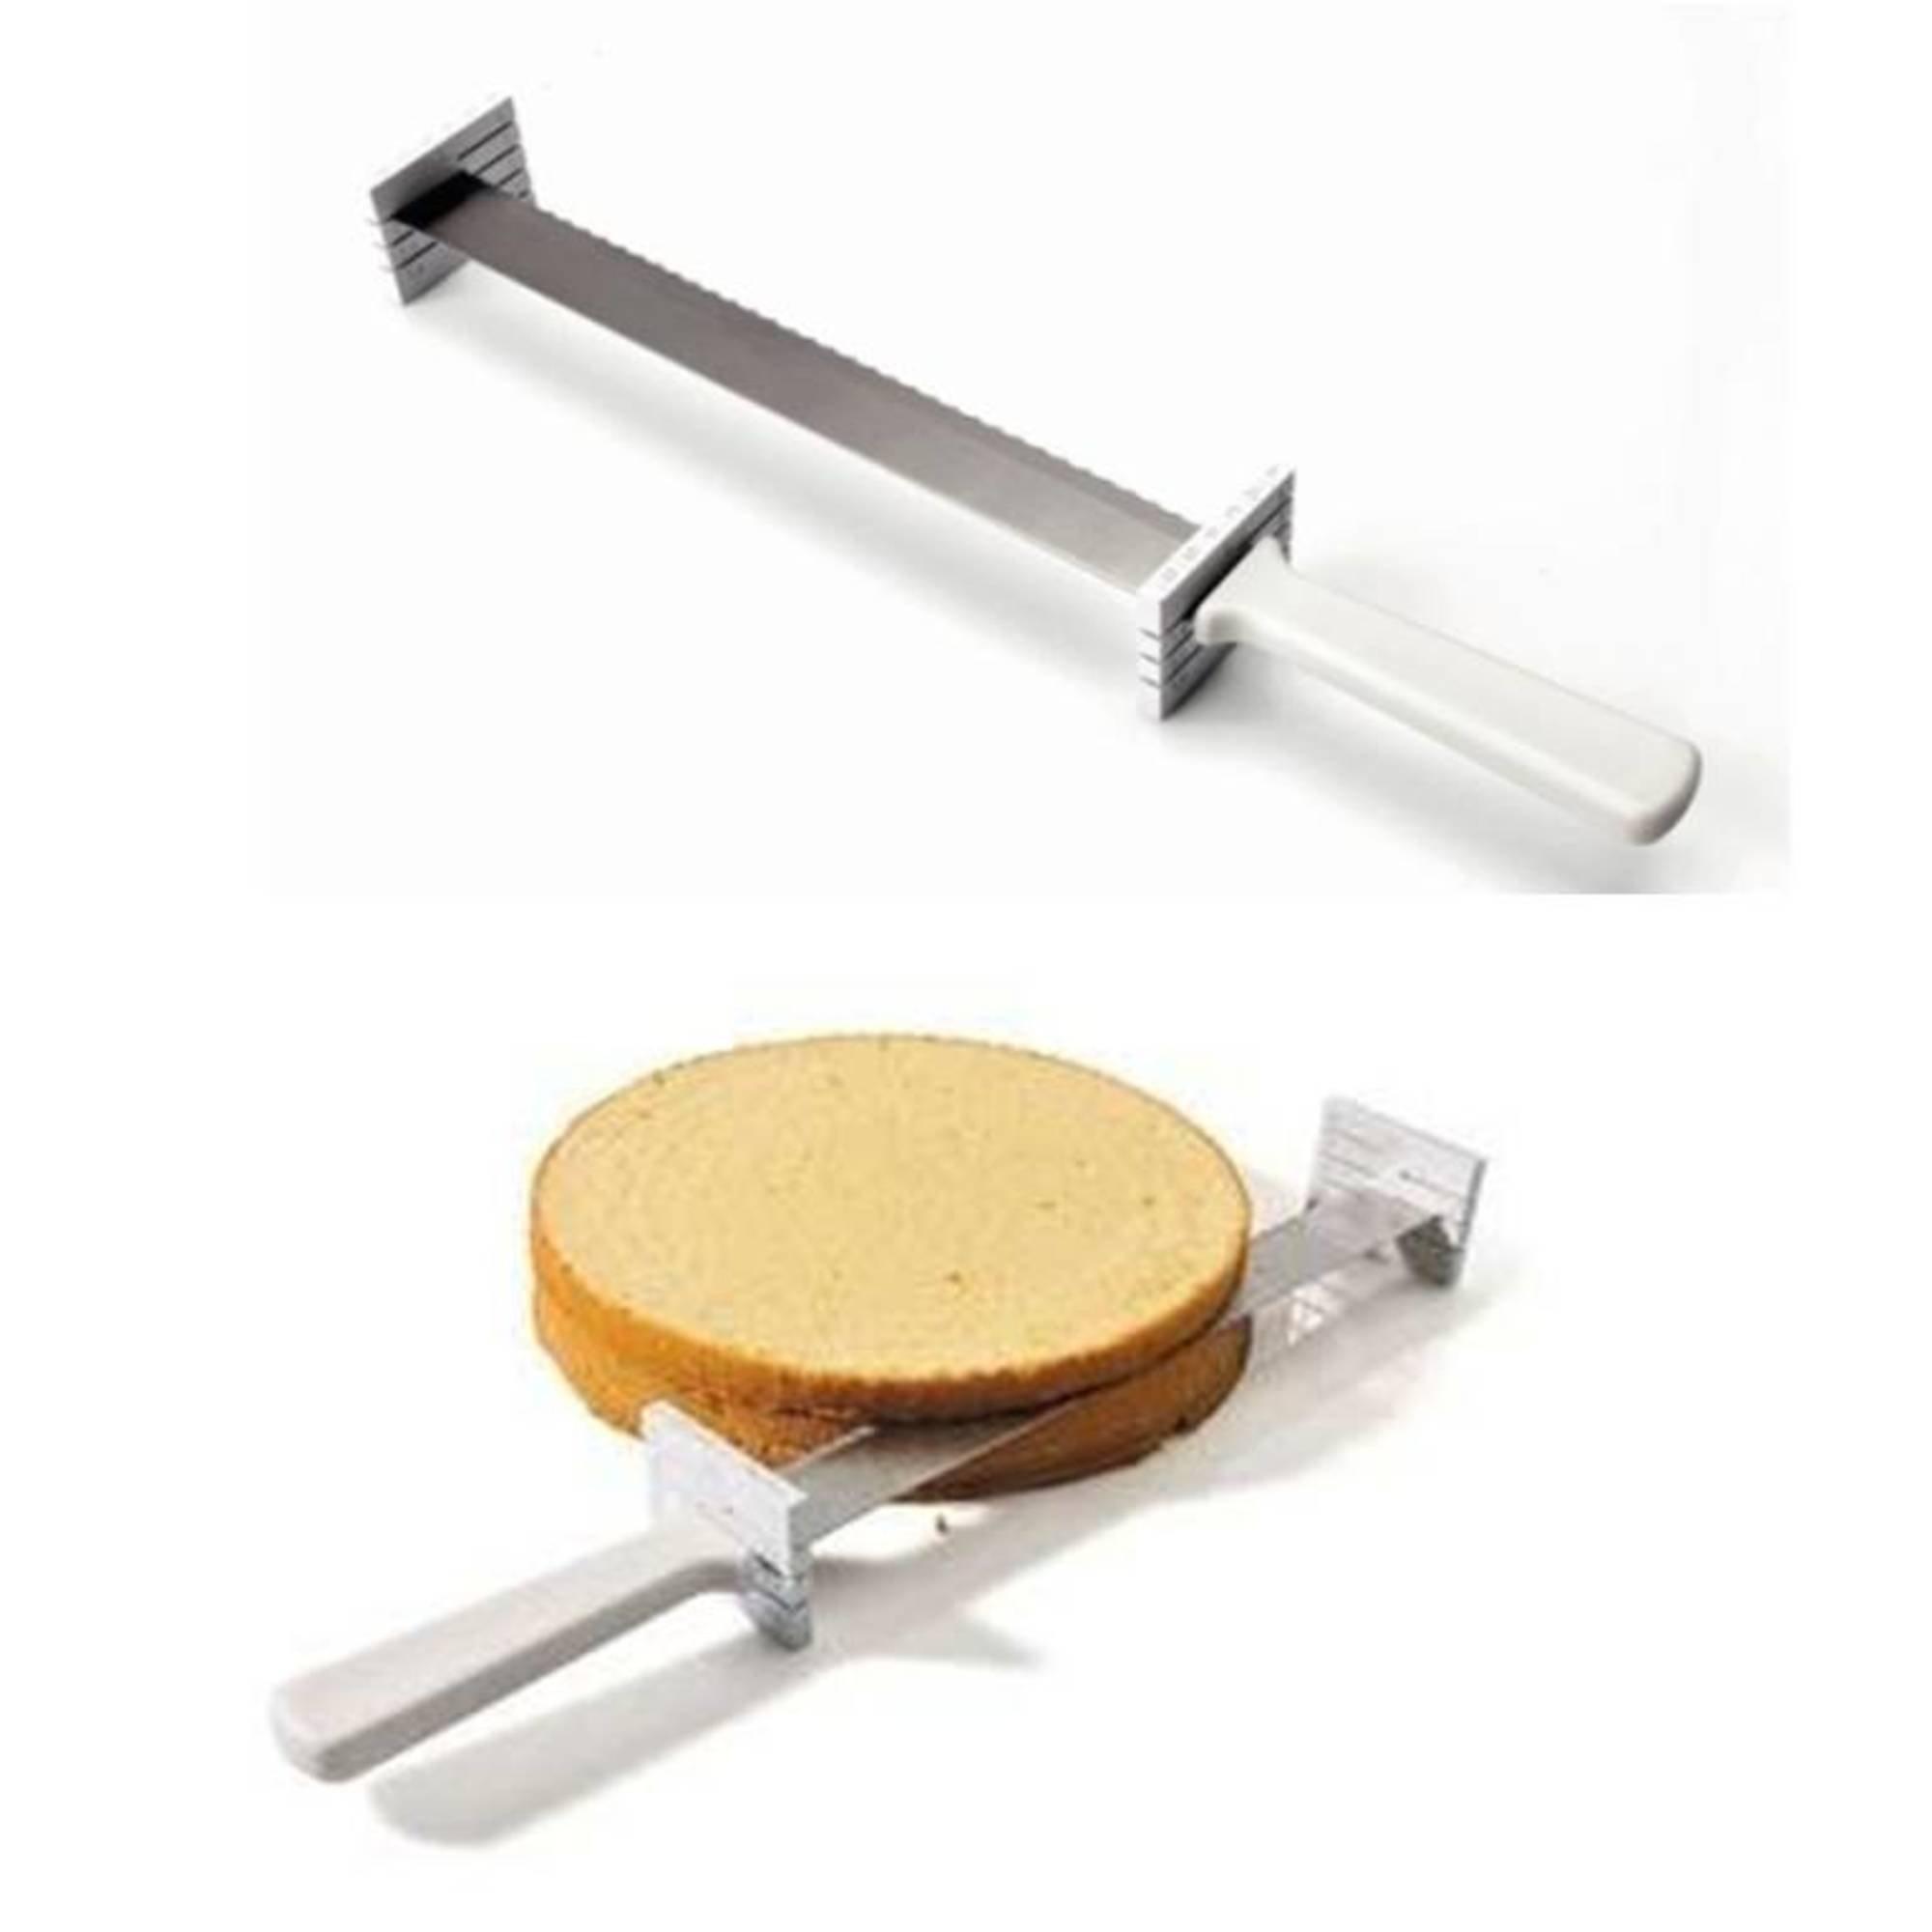 Tortenbodenmesser mit Distanzhalter